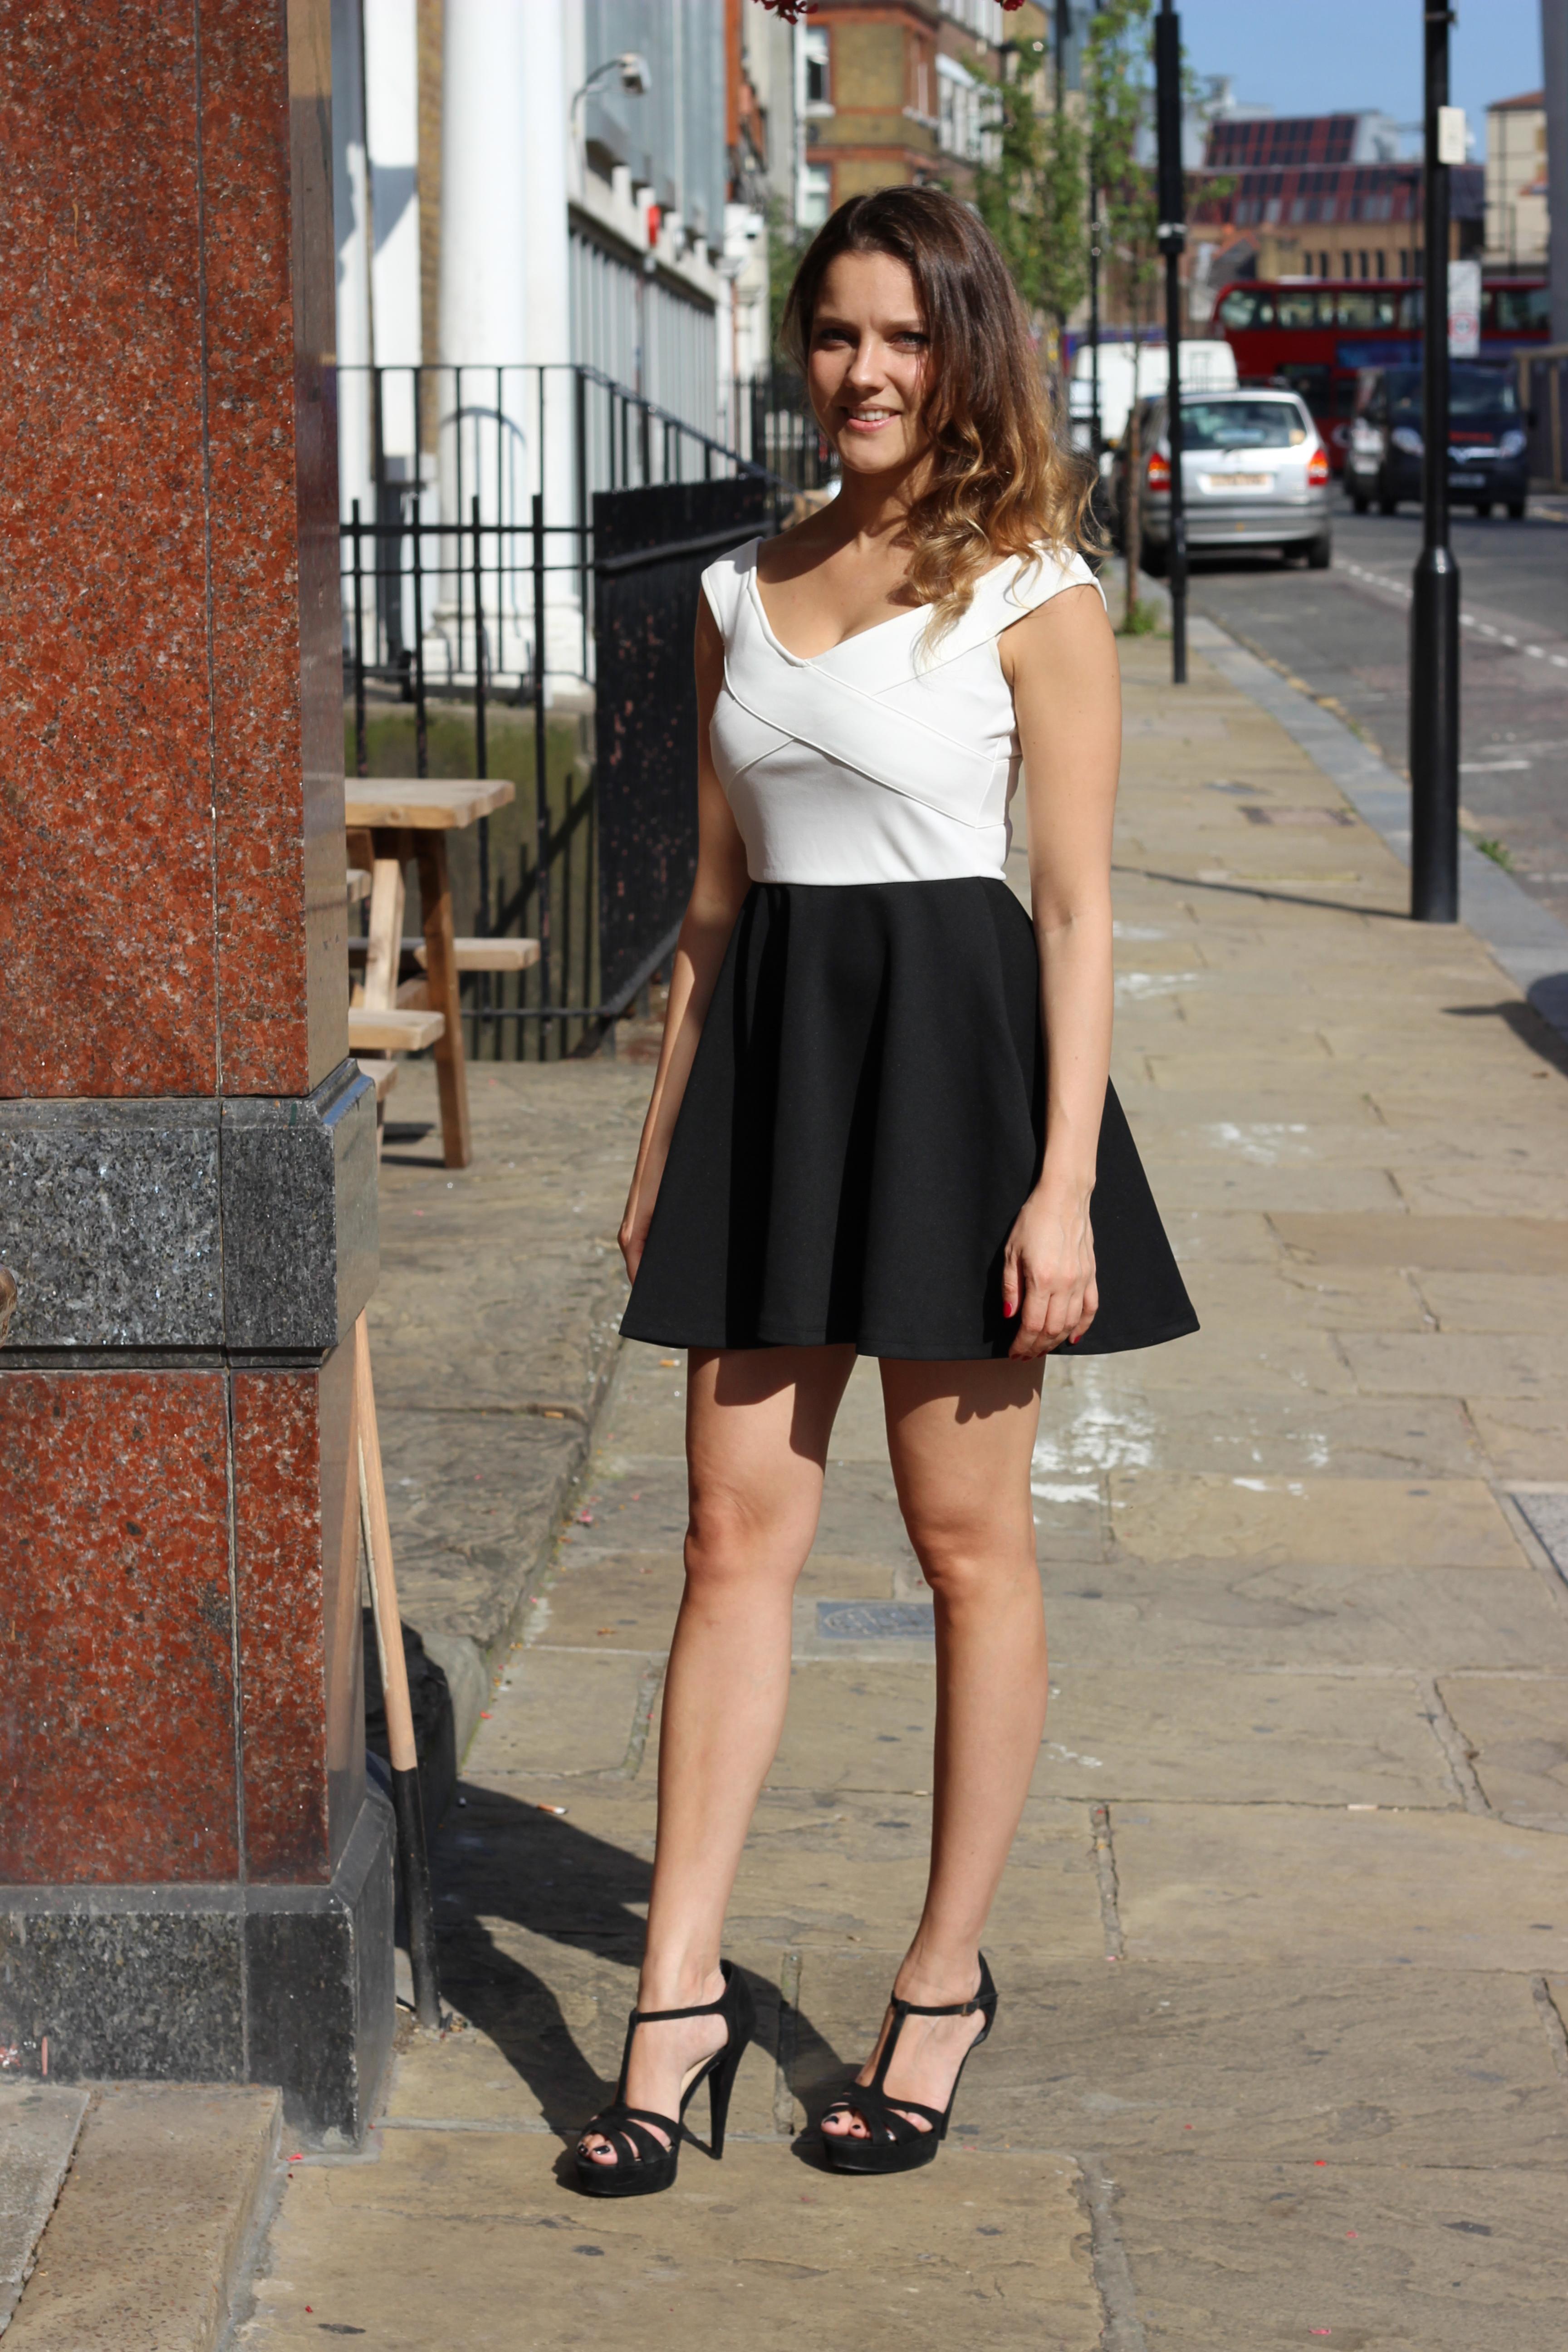 Skater skirt outfits tumblr